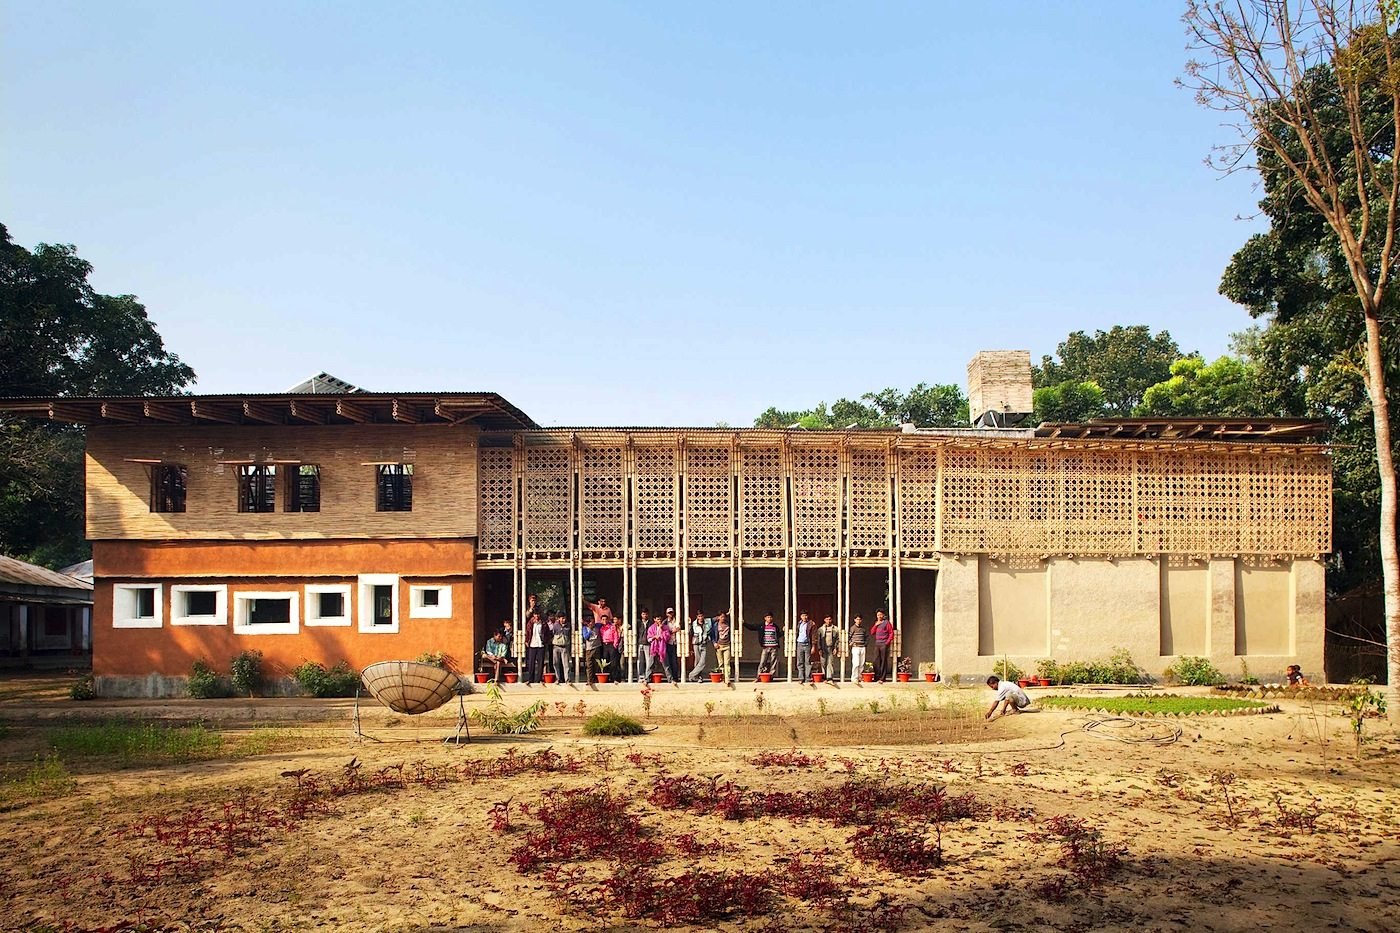 DESI Fortbildungszentrum.  In Rudrapur, Bangladesch, von Anna Heringer – Finalistin